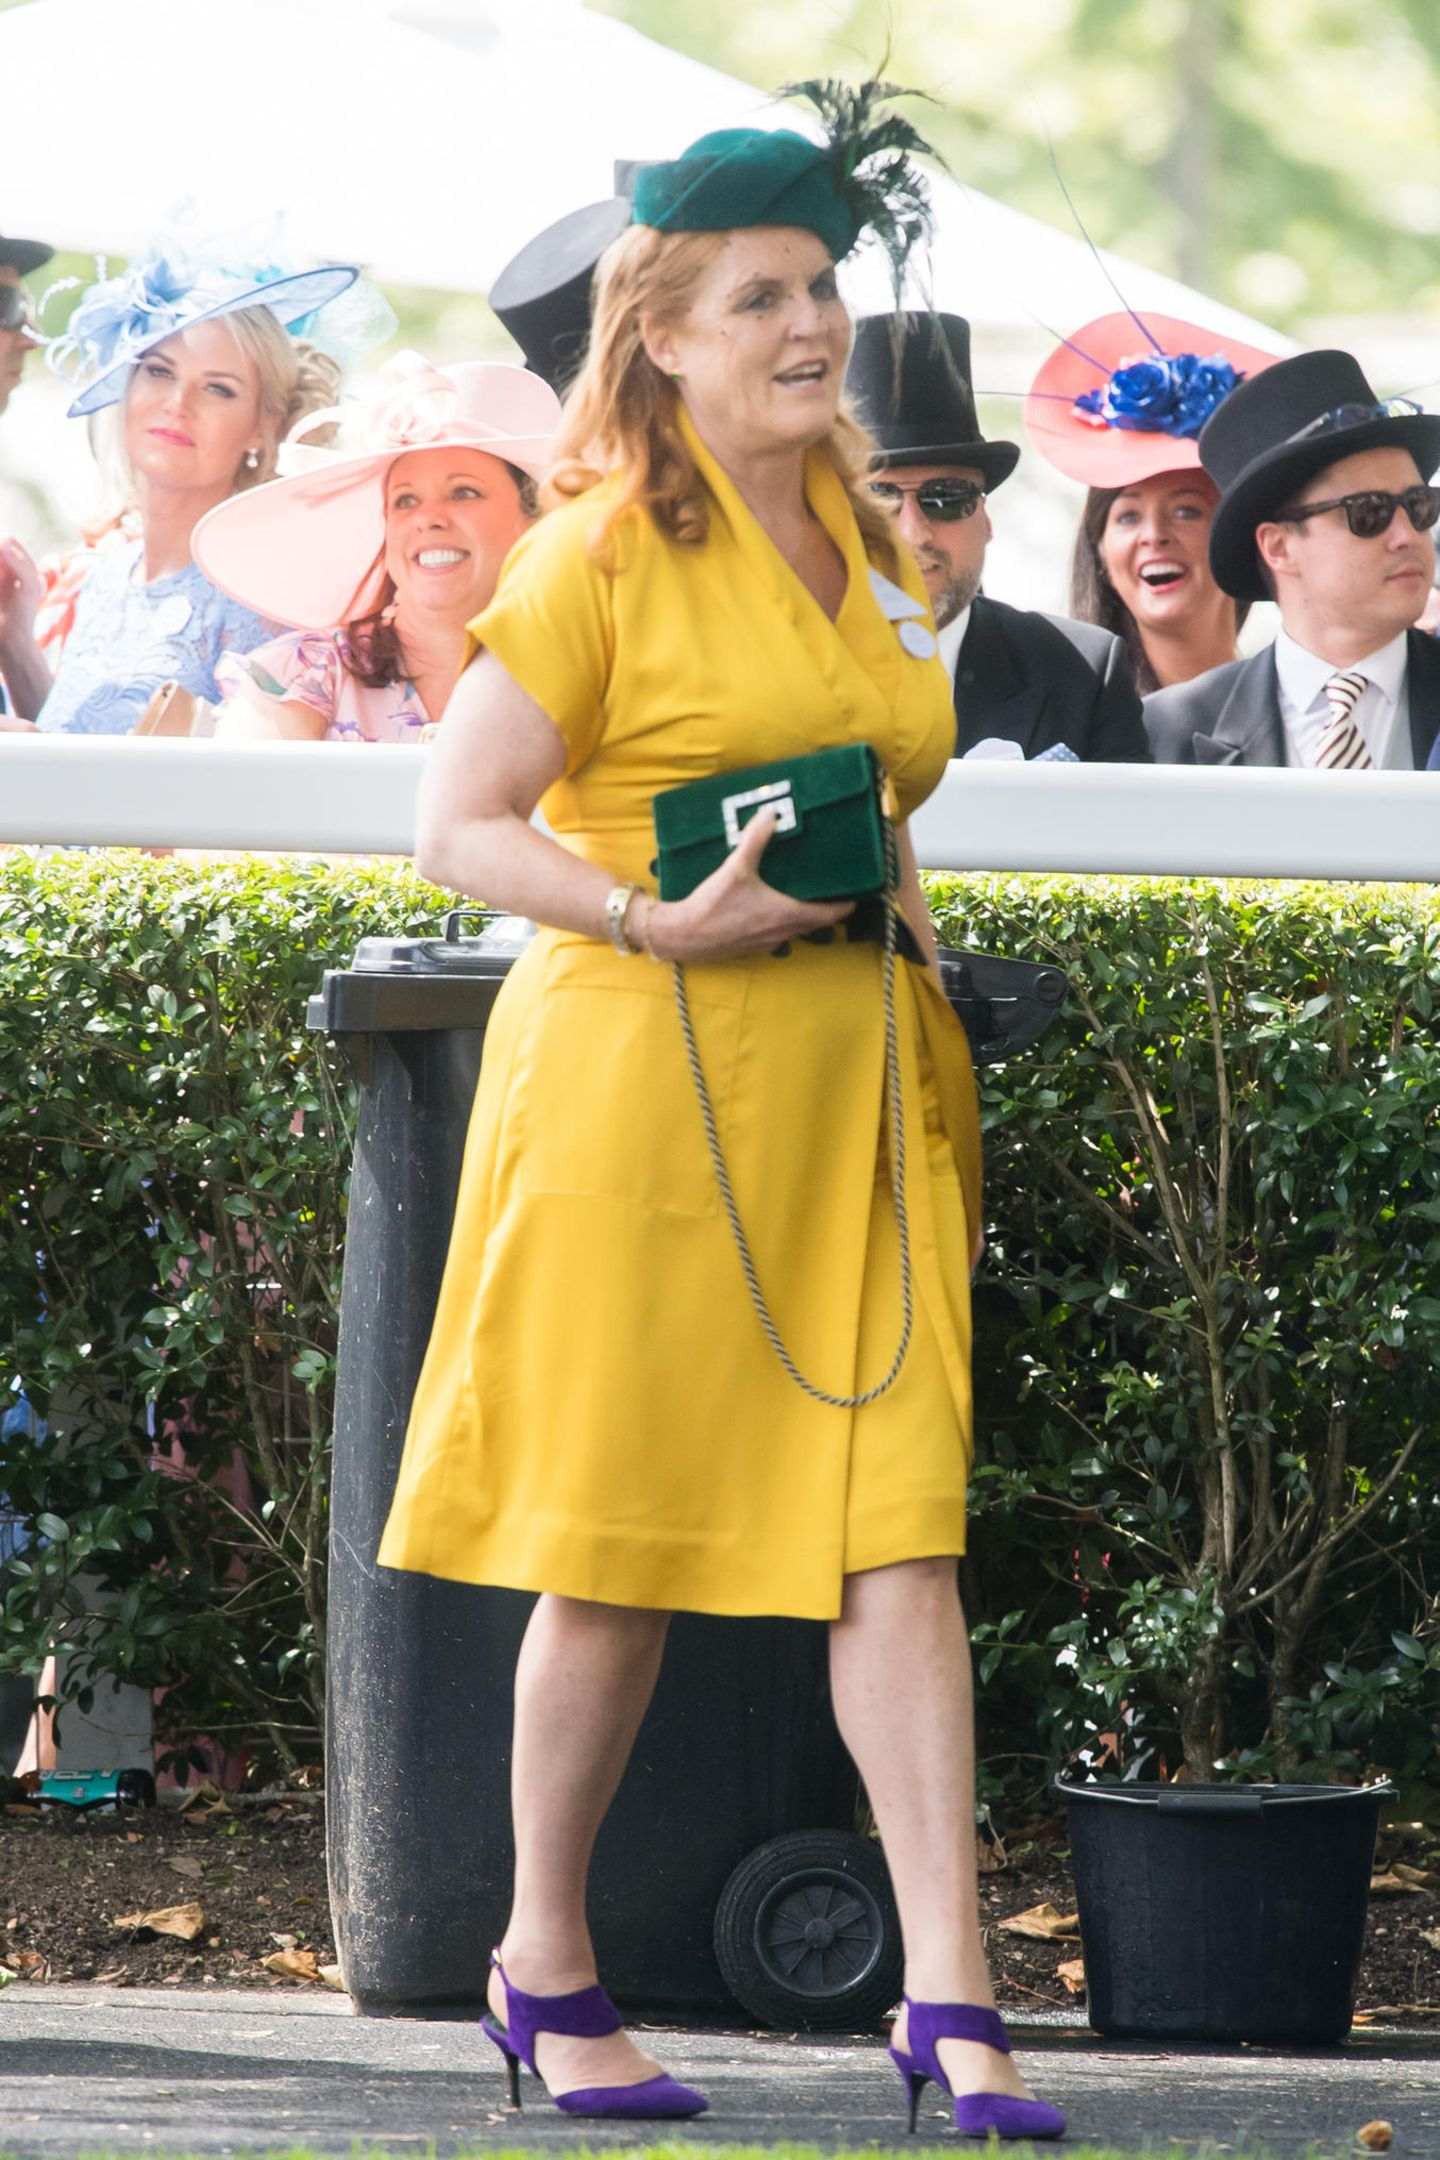 Sarah Ferguson bringt ordentlich Farbe ins Spiel: Sie trägt ein knallgelbes Kleid mit grünen Accessoires und lila Schuhen.